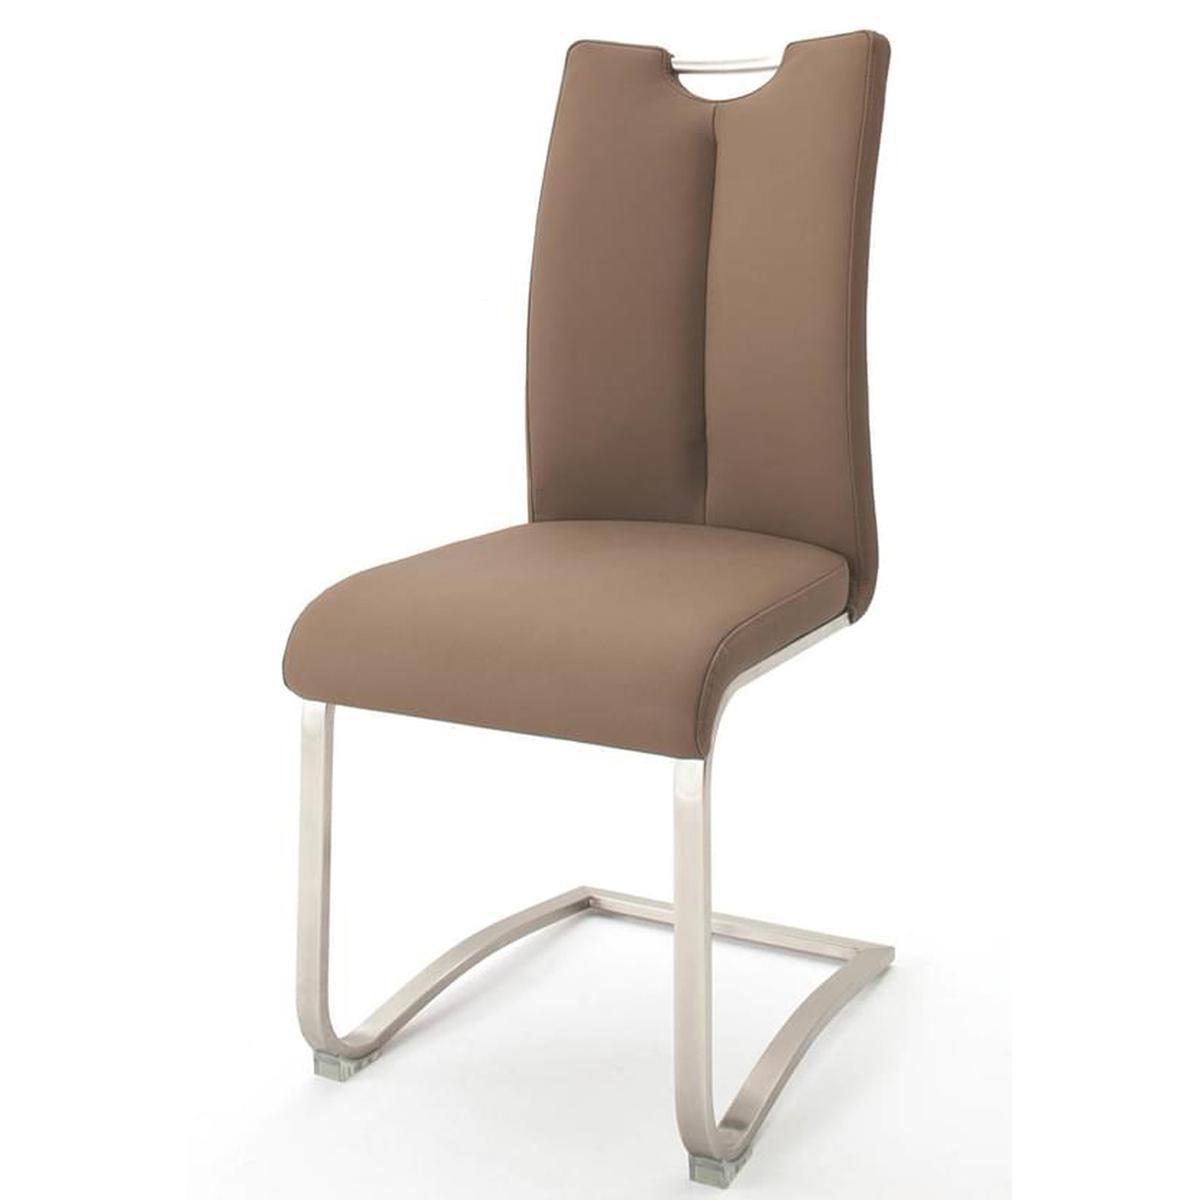 Pegane Lot de 2 chaises de salle à manger en acier et cuir artificiel cappuccino - H.102 x L.45 x P.58 cm